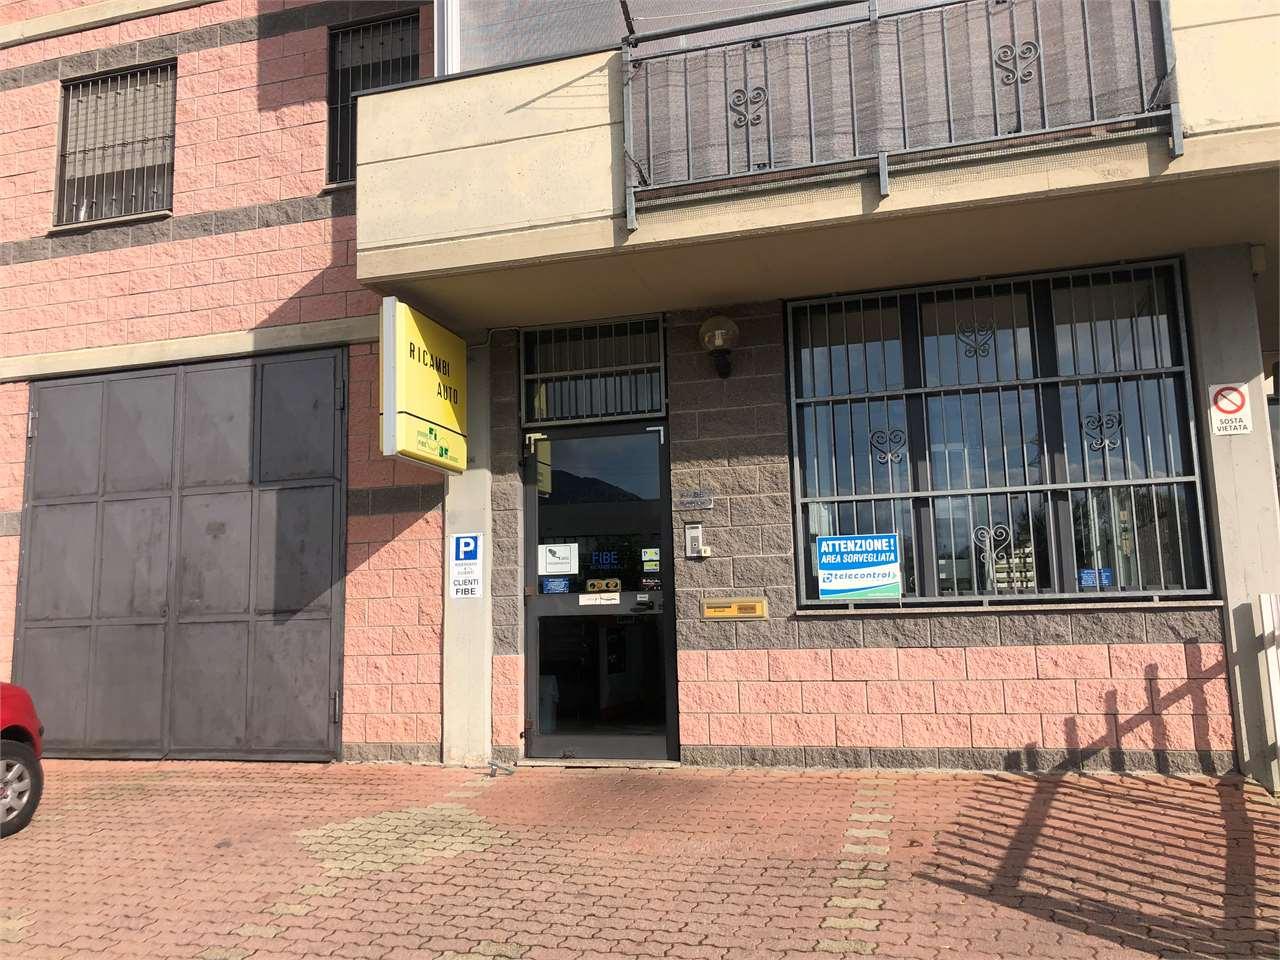 Negozio / Locale in vendita a Alpignano, 9999 locali, prezzo € 200.000 | PortaleAgenzieImmobiliari.it